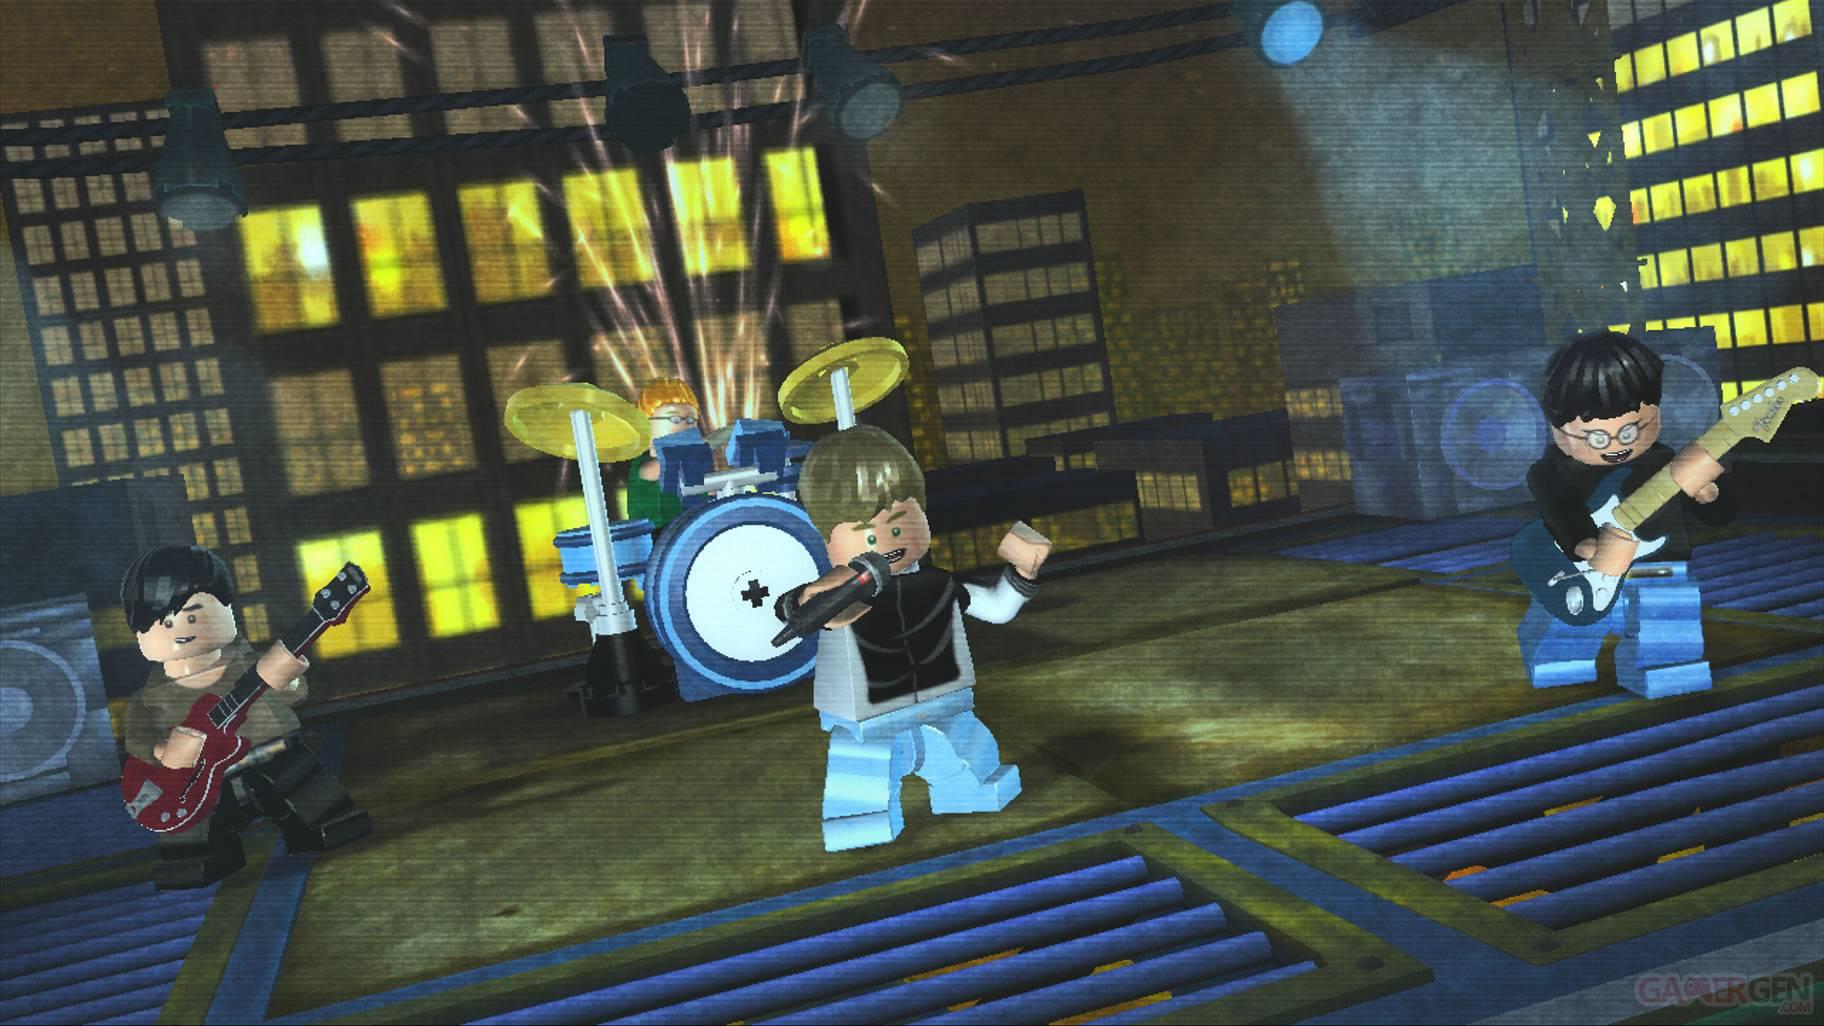 LEGO-Blur-4